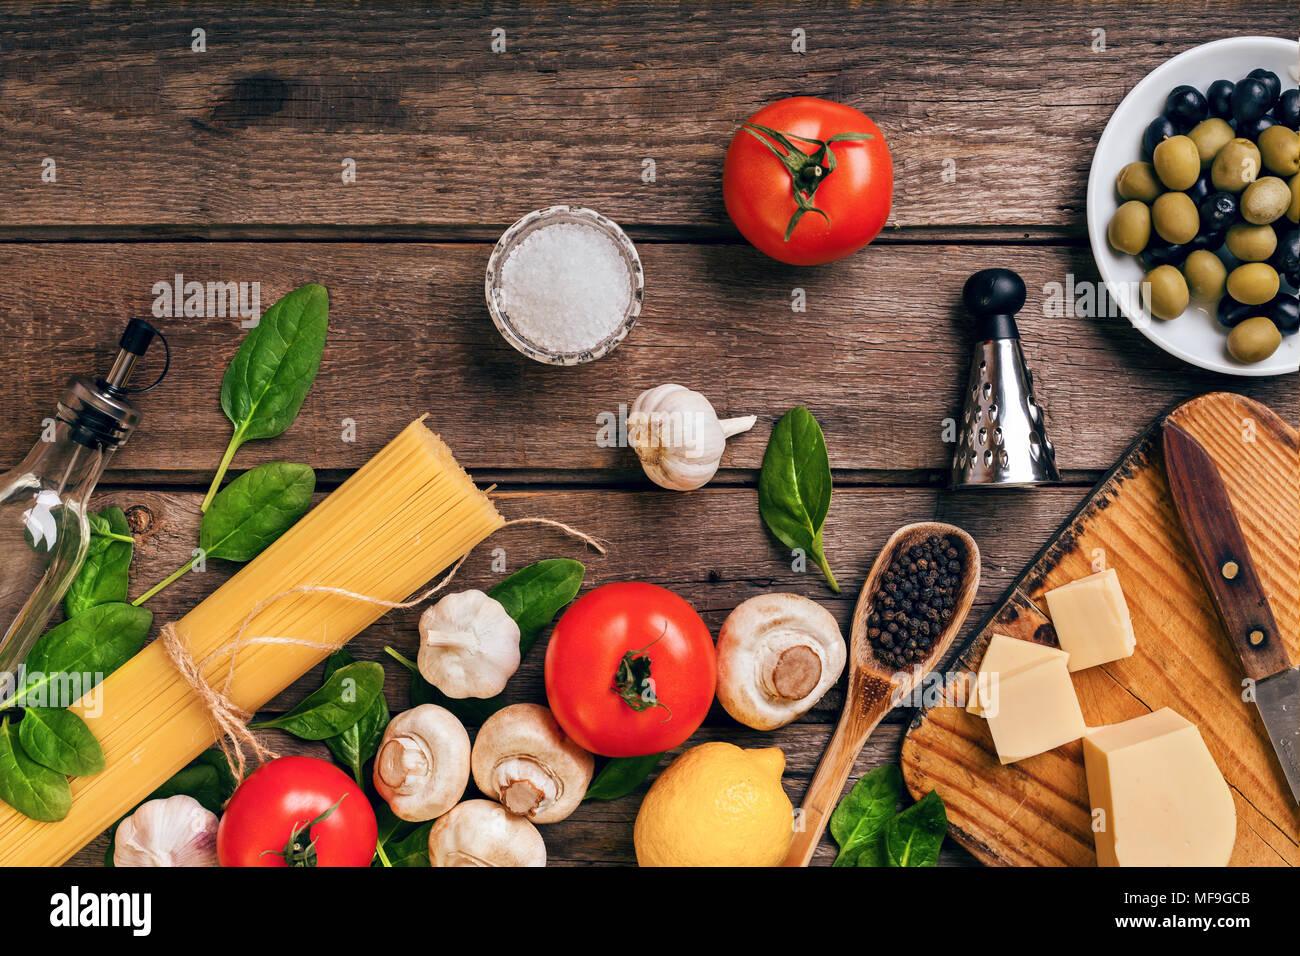 Antecedentes La comida italiana con pasta, especias y verduras. Vista superior, espacio de copia. Imagen De Stock